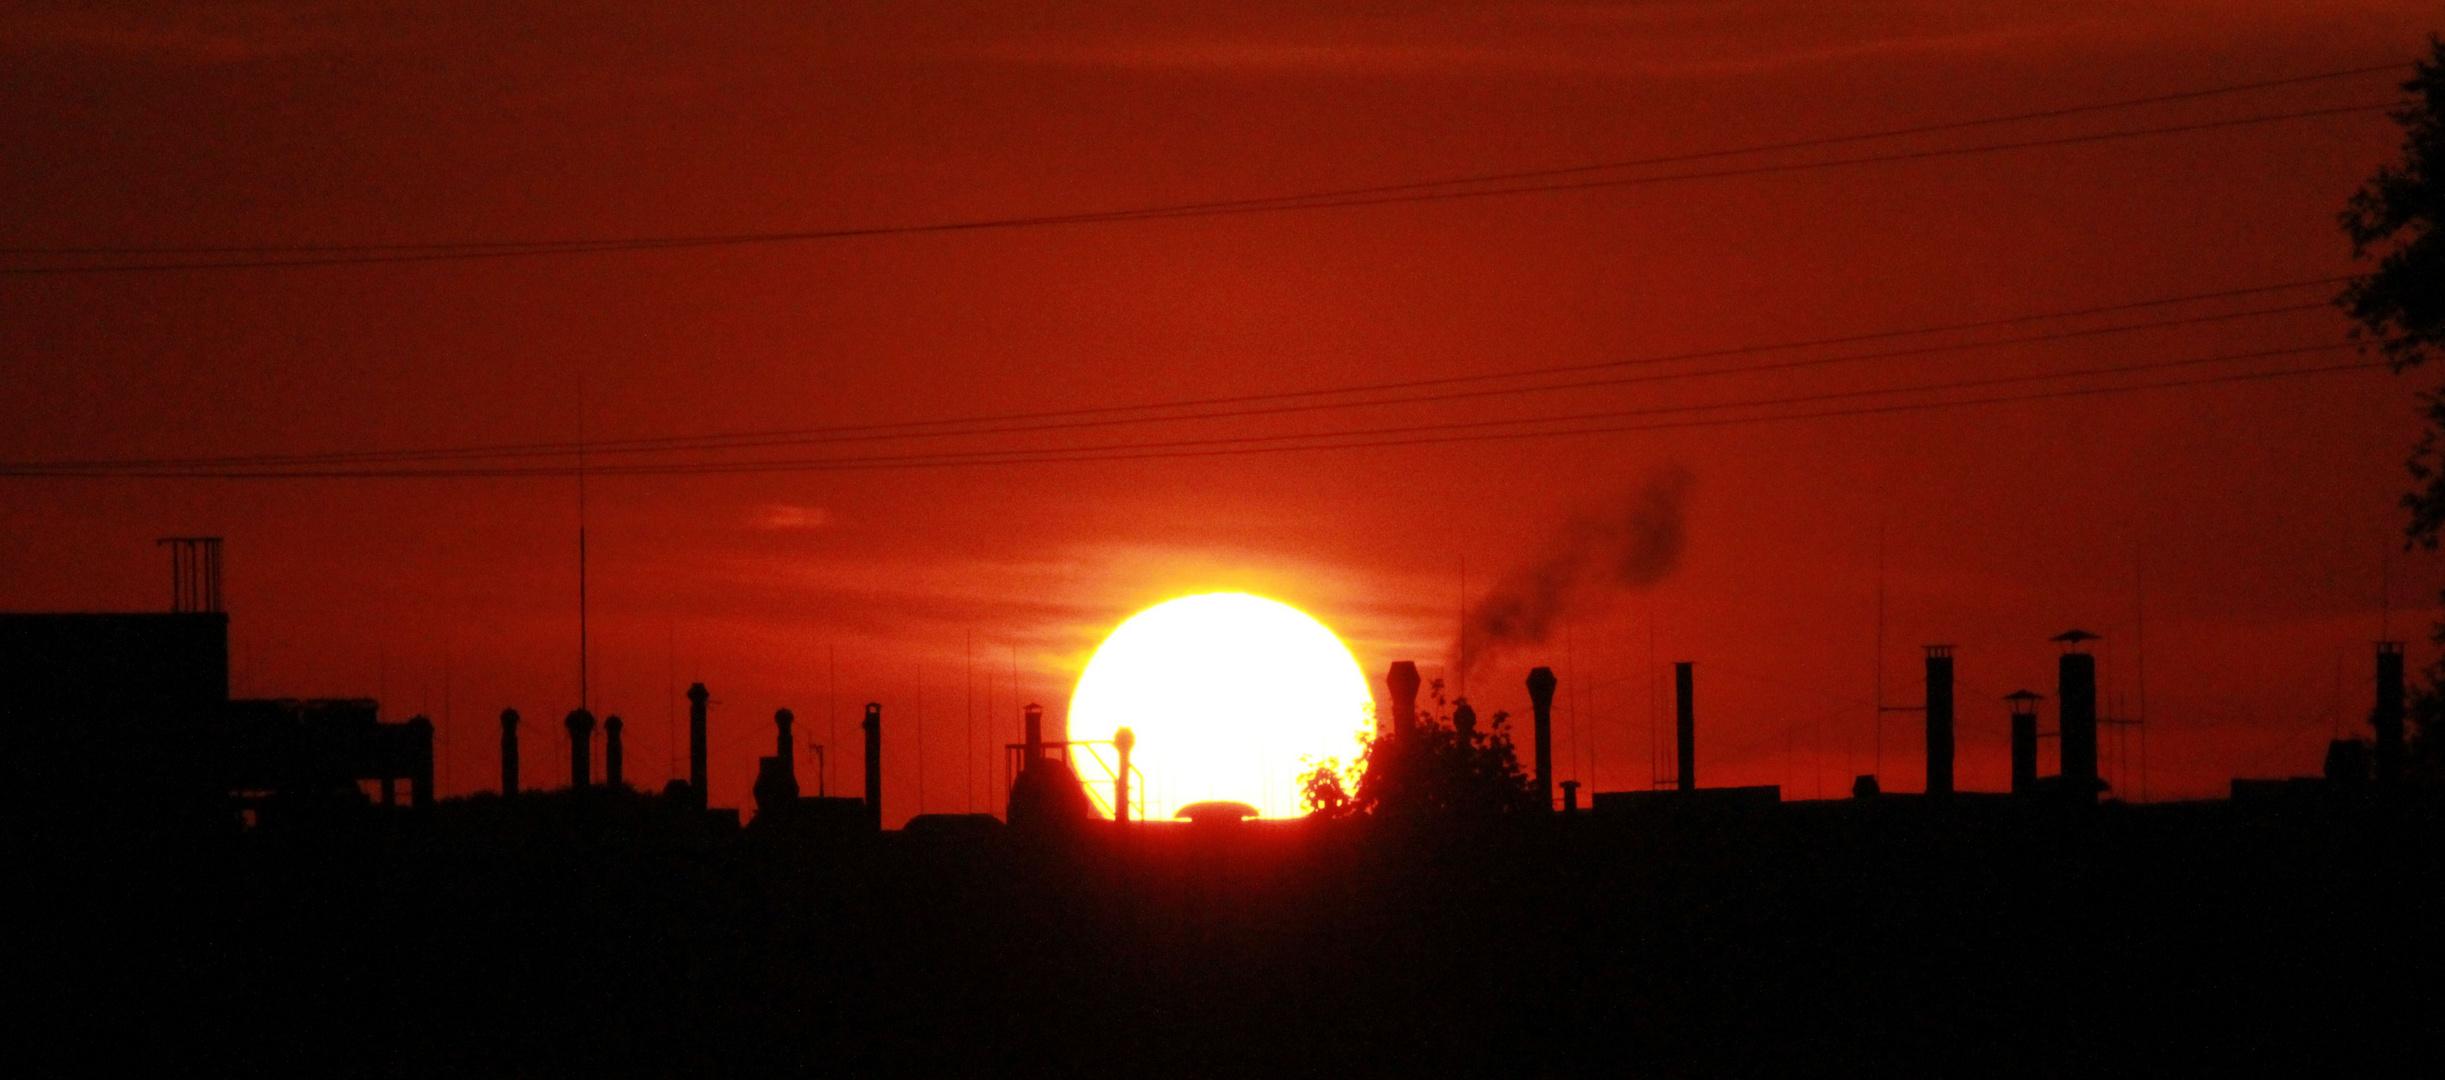 Sonnenaufgang im Industriegebiet